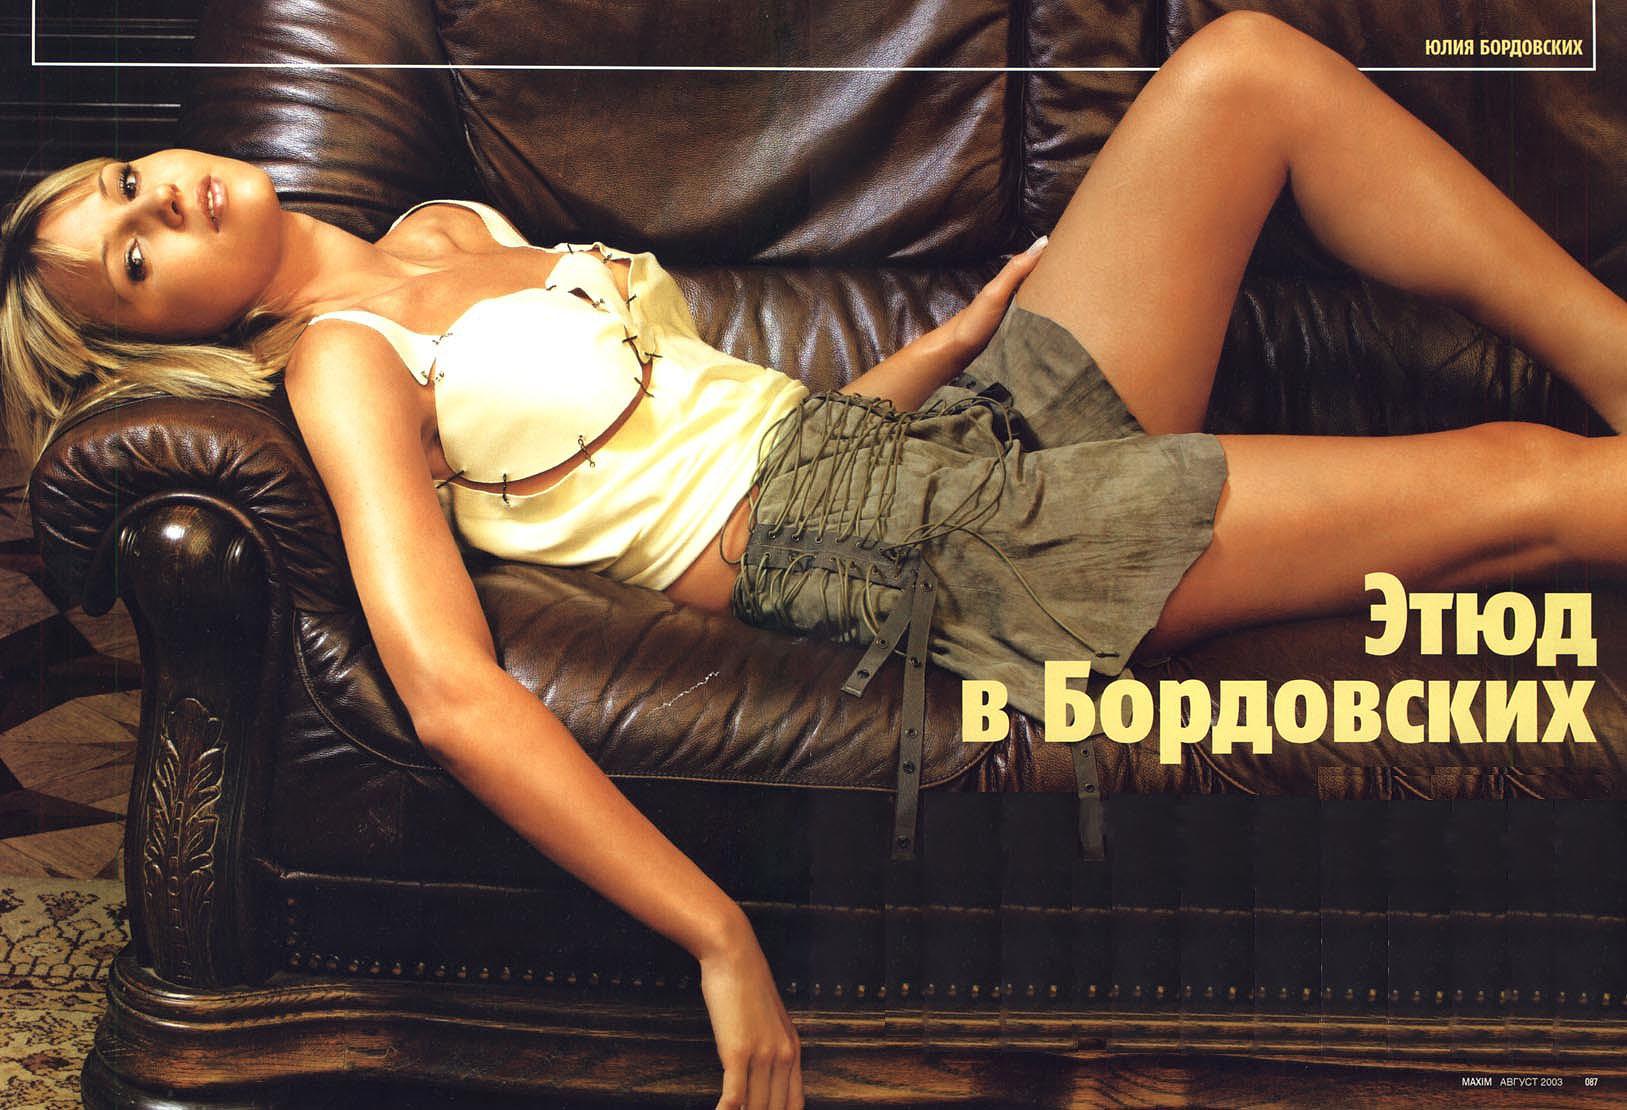 Юлия бордовских голая 13 фотография